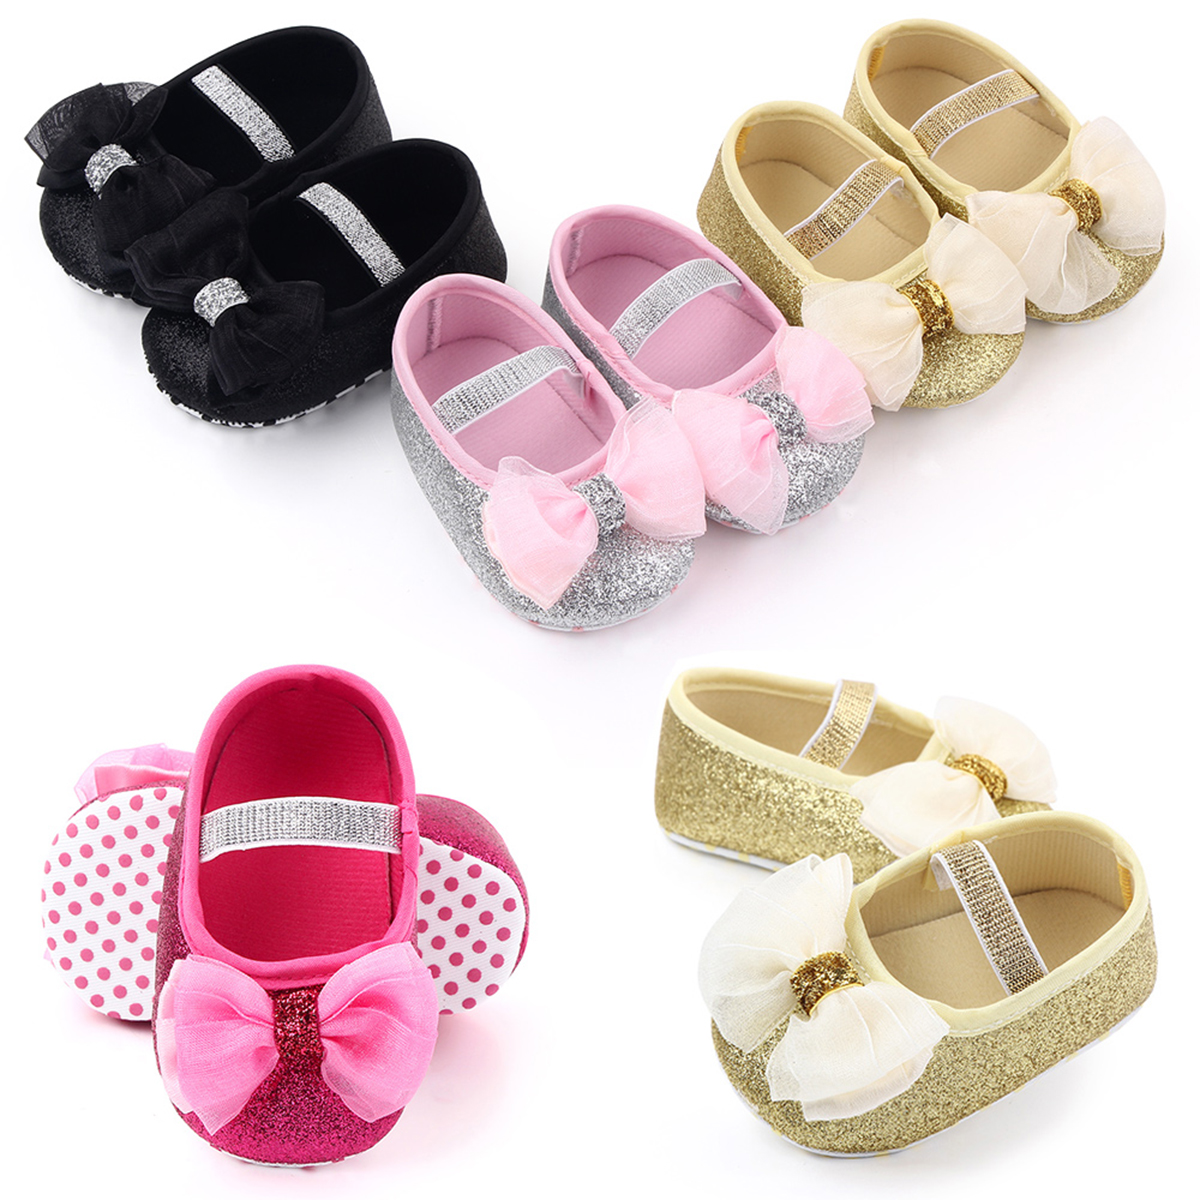 Citgeett модная одежда для малышей, для девочек, для детей ясельного возраста, в стиле; Обувь для новорожденных, утепленная хлопковая одежда для ...